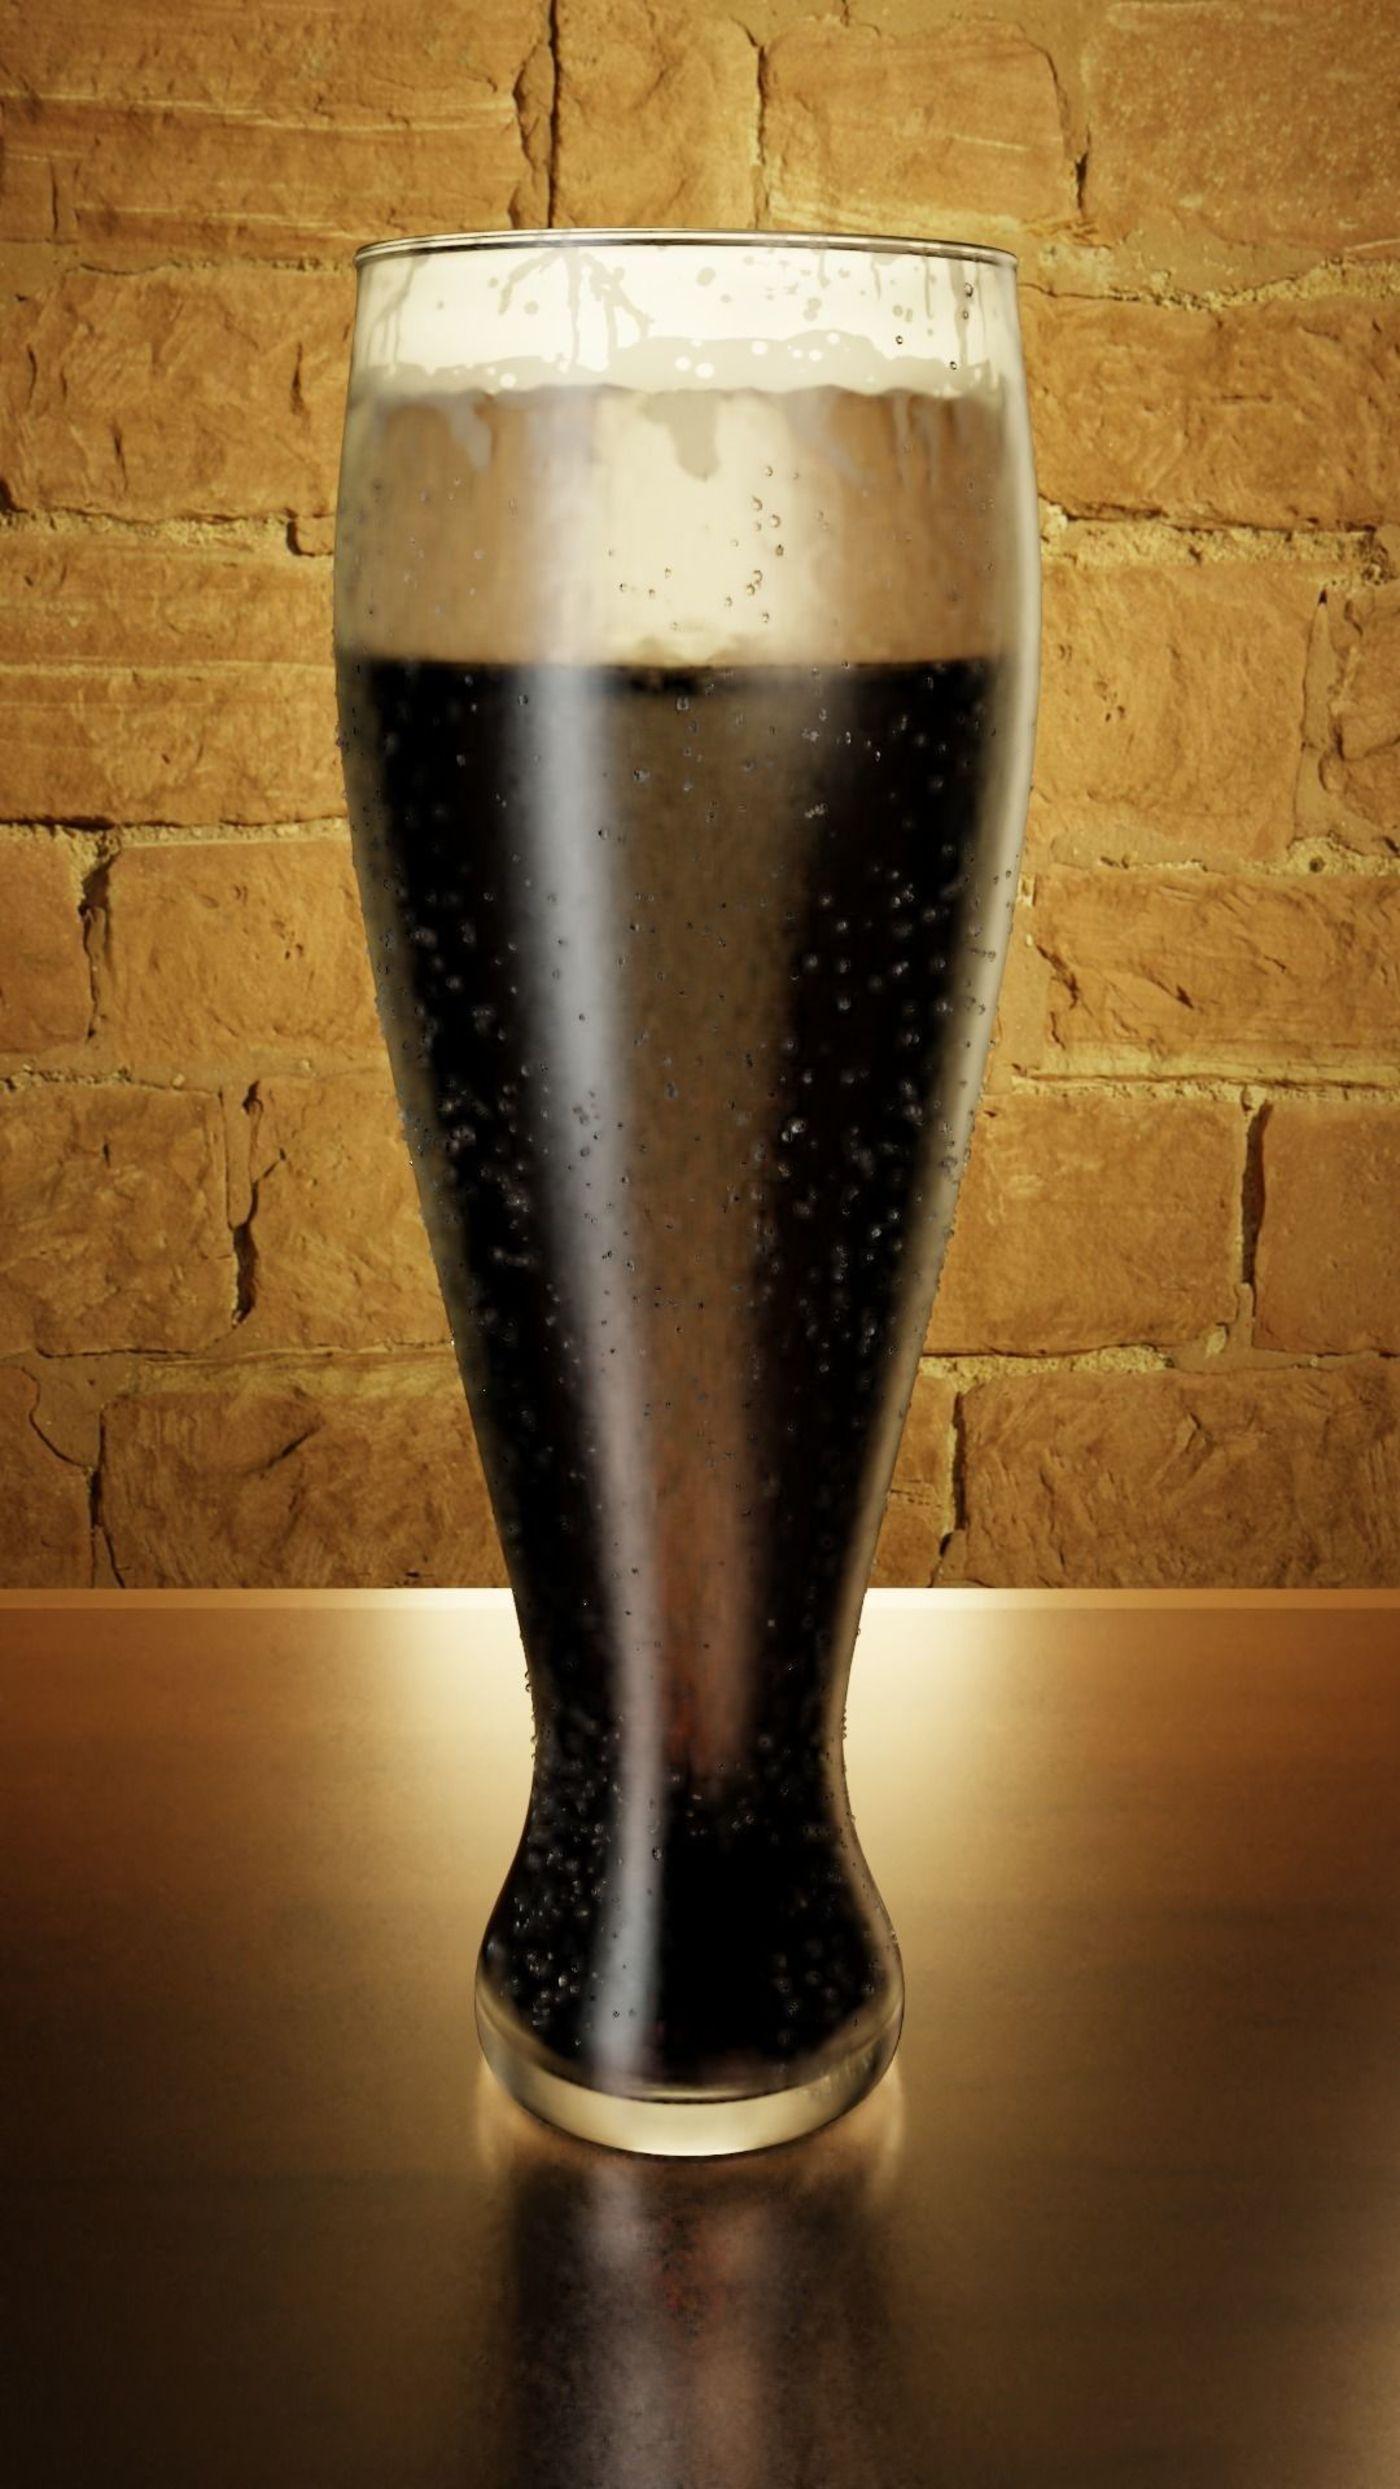 3D beer glass render